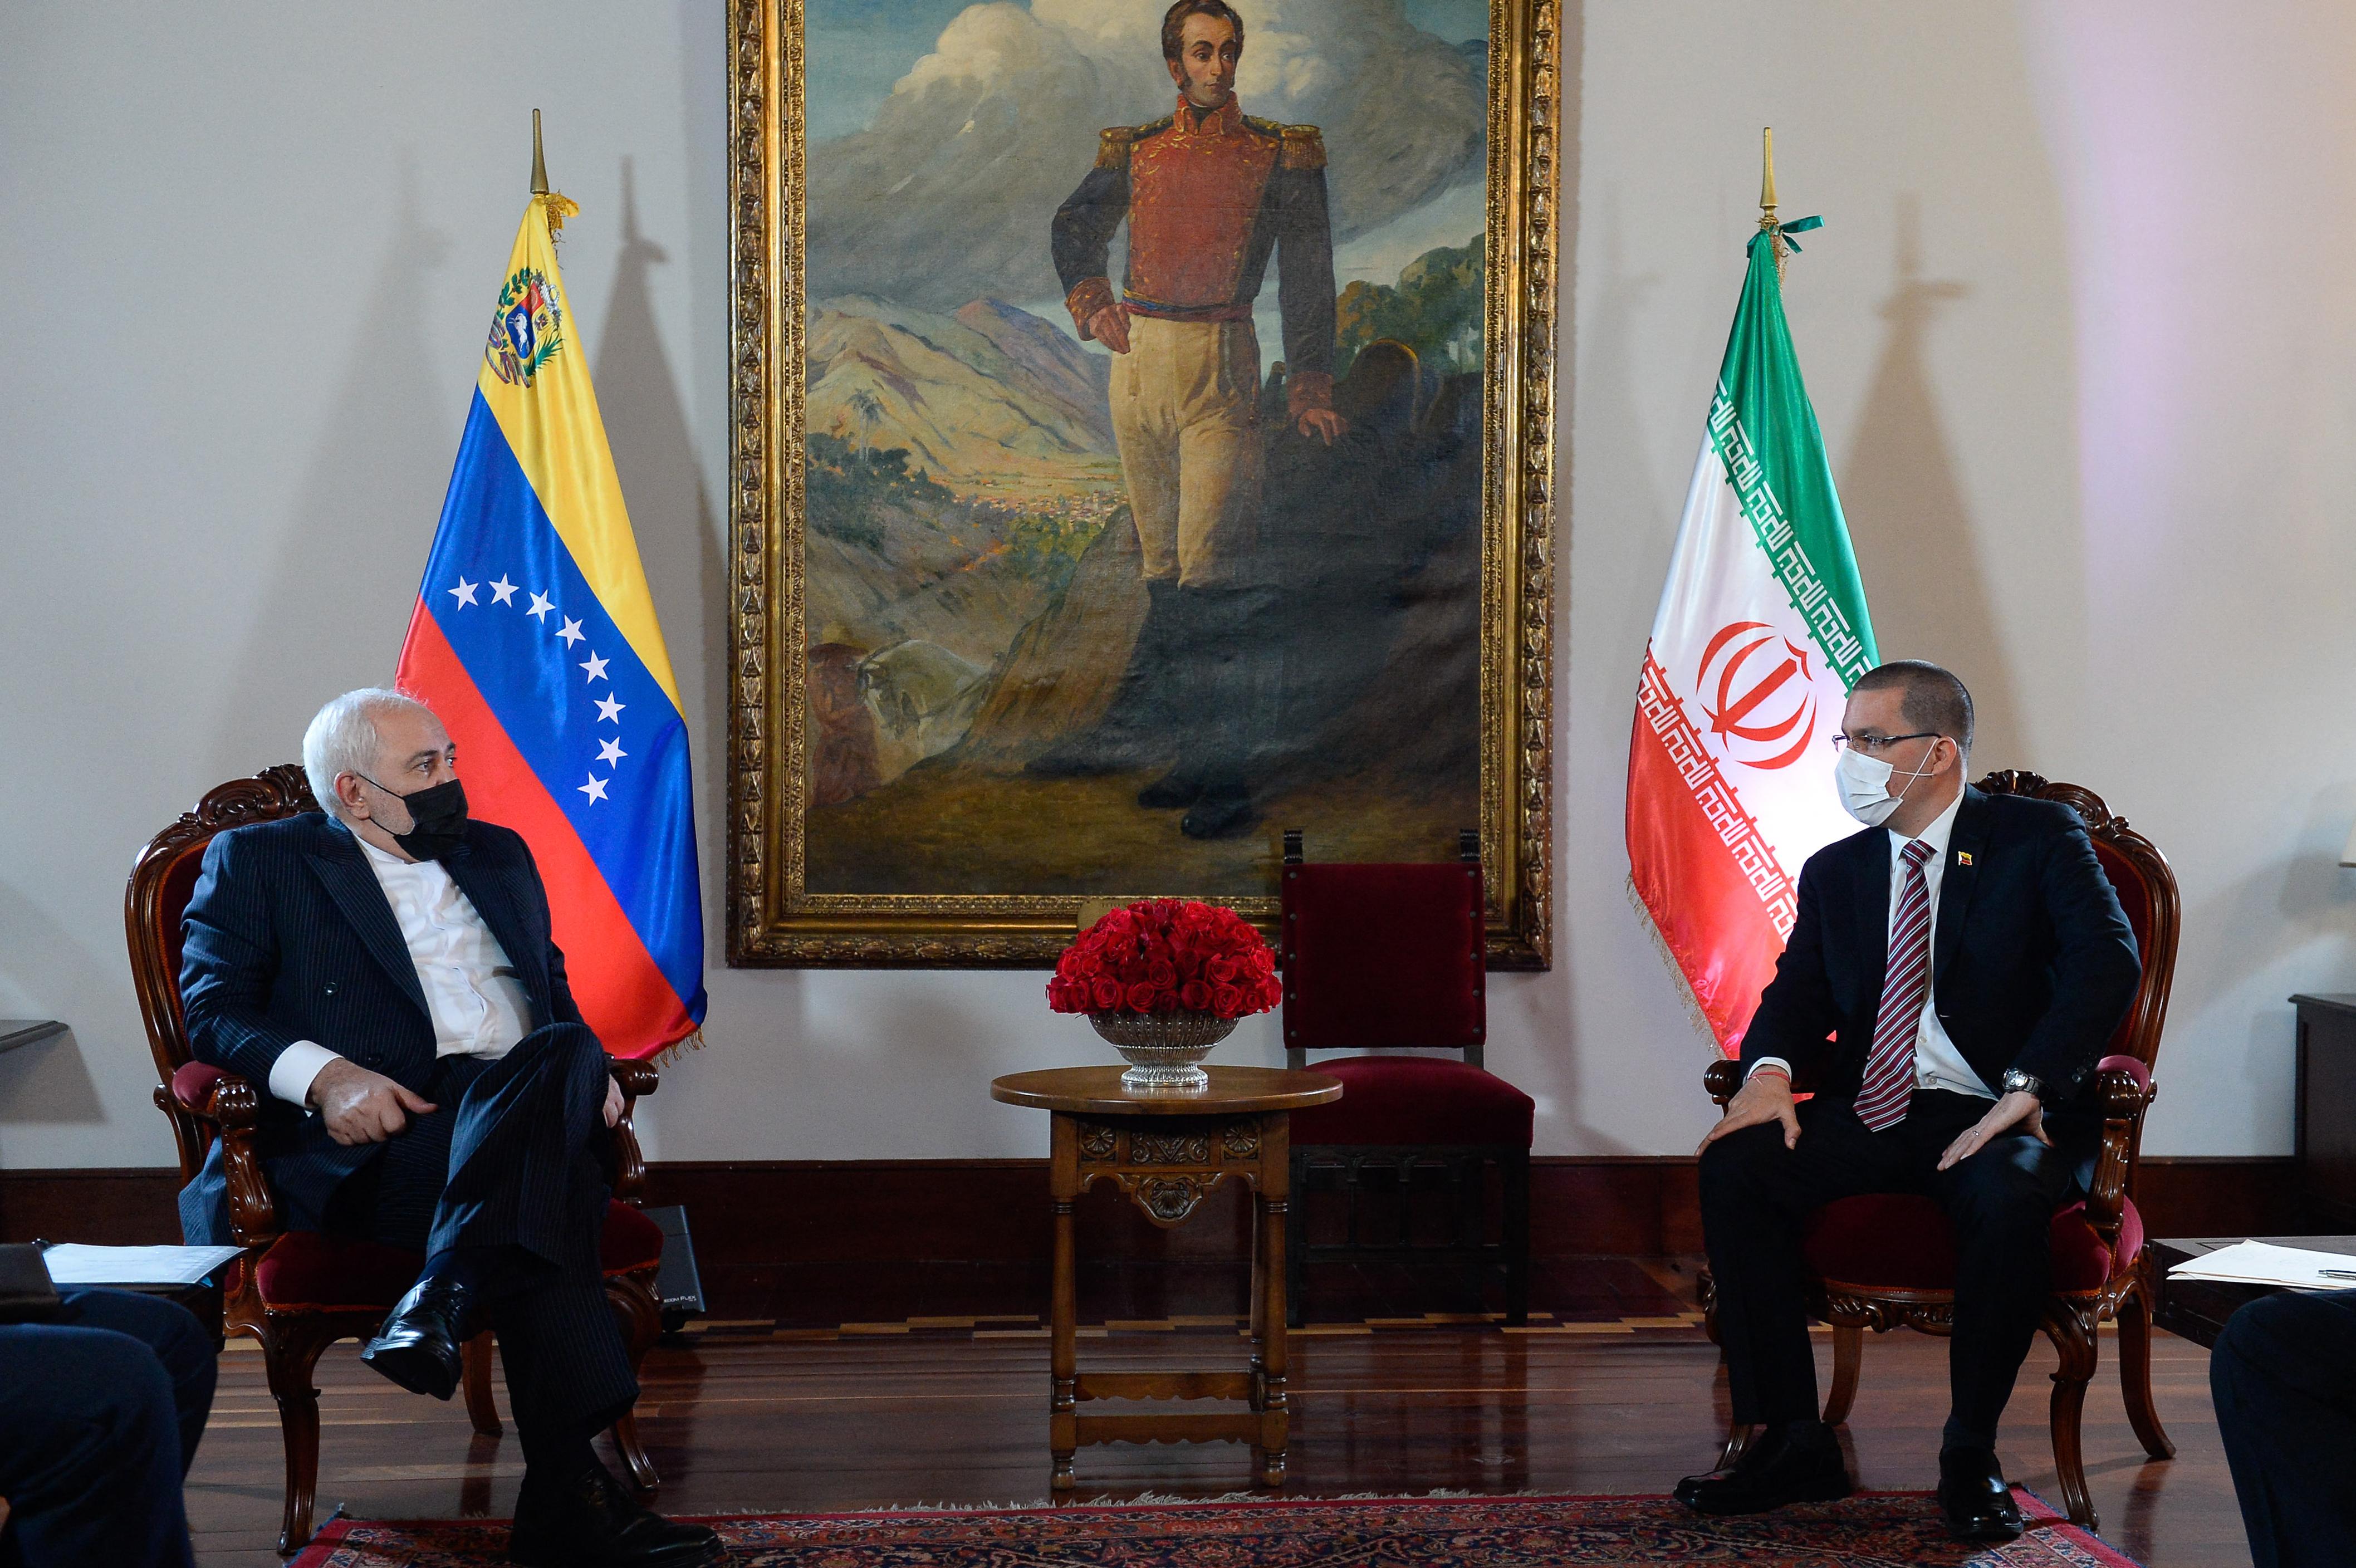 Irán amplía presencia en Latinoamérica en alianza con el crimen organizado